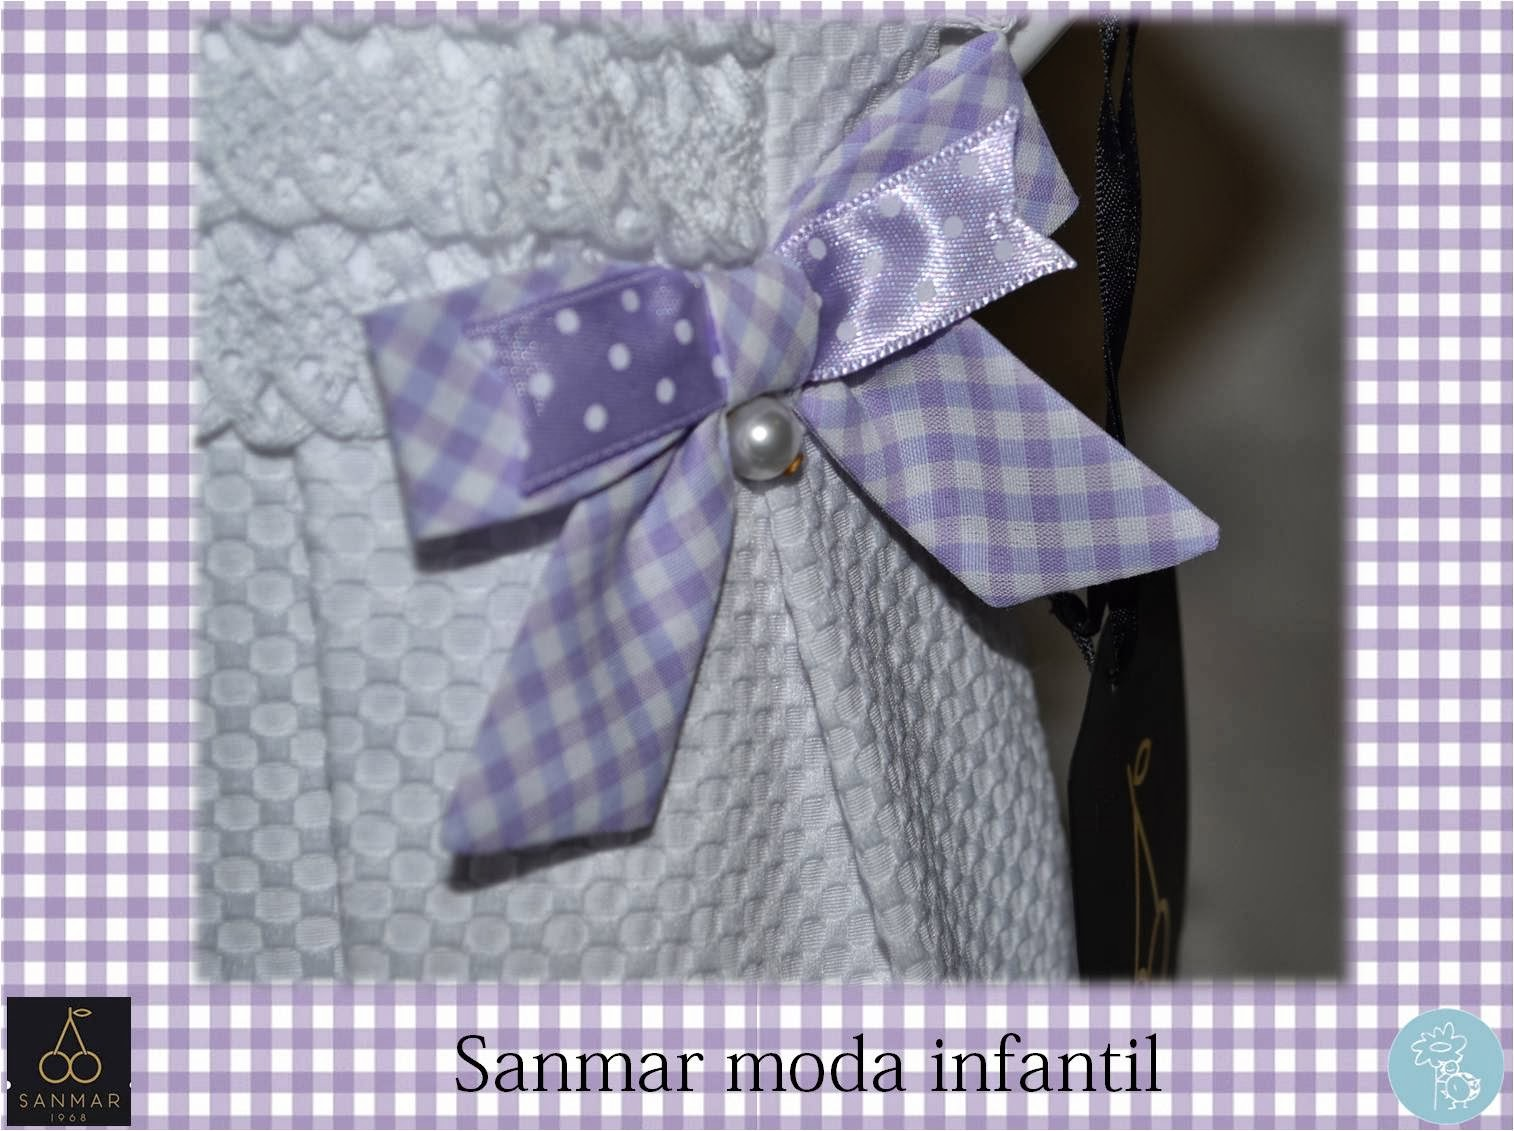 Sanmar moda infantil -colección violeta y blanco en Blog Retamal moda infantil